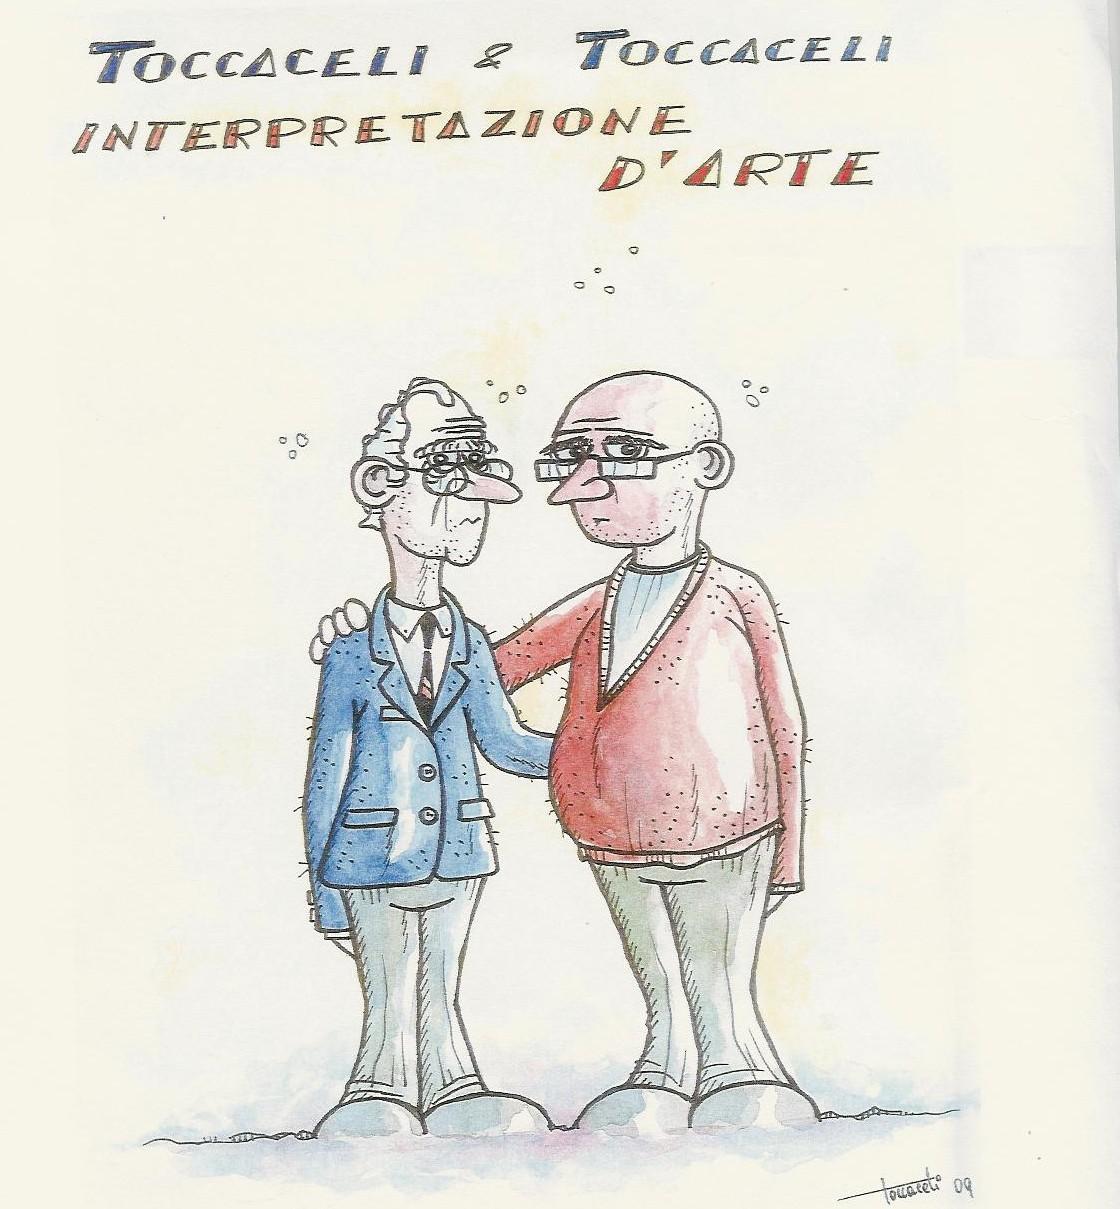 Toccaceli&Toccaceli, interpretazione d'arte